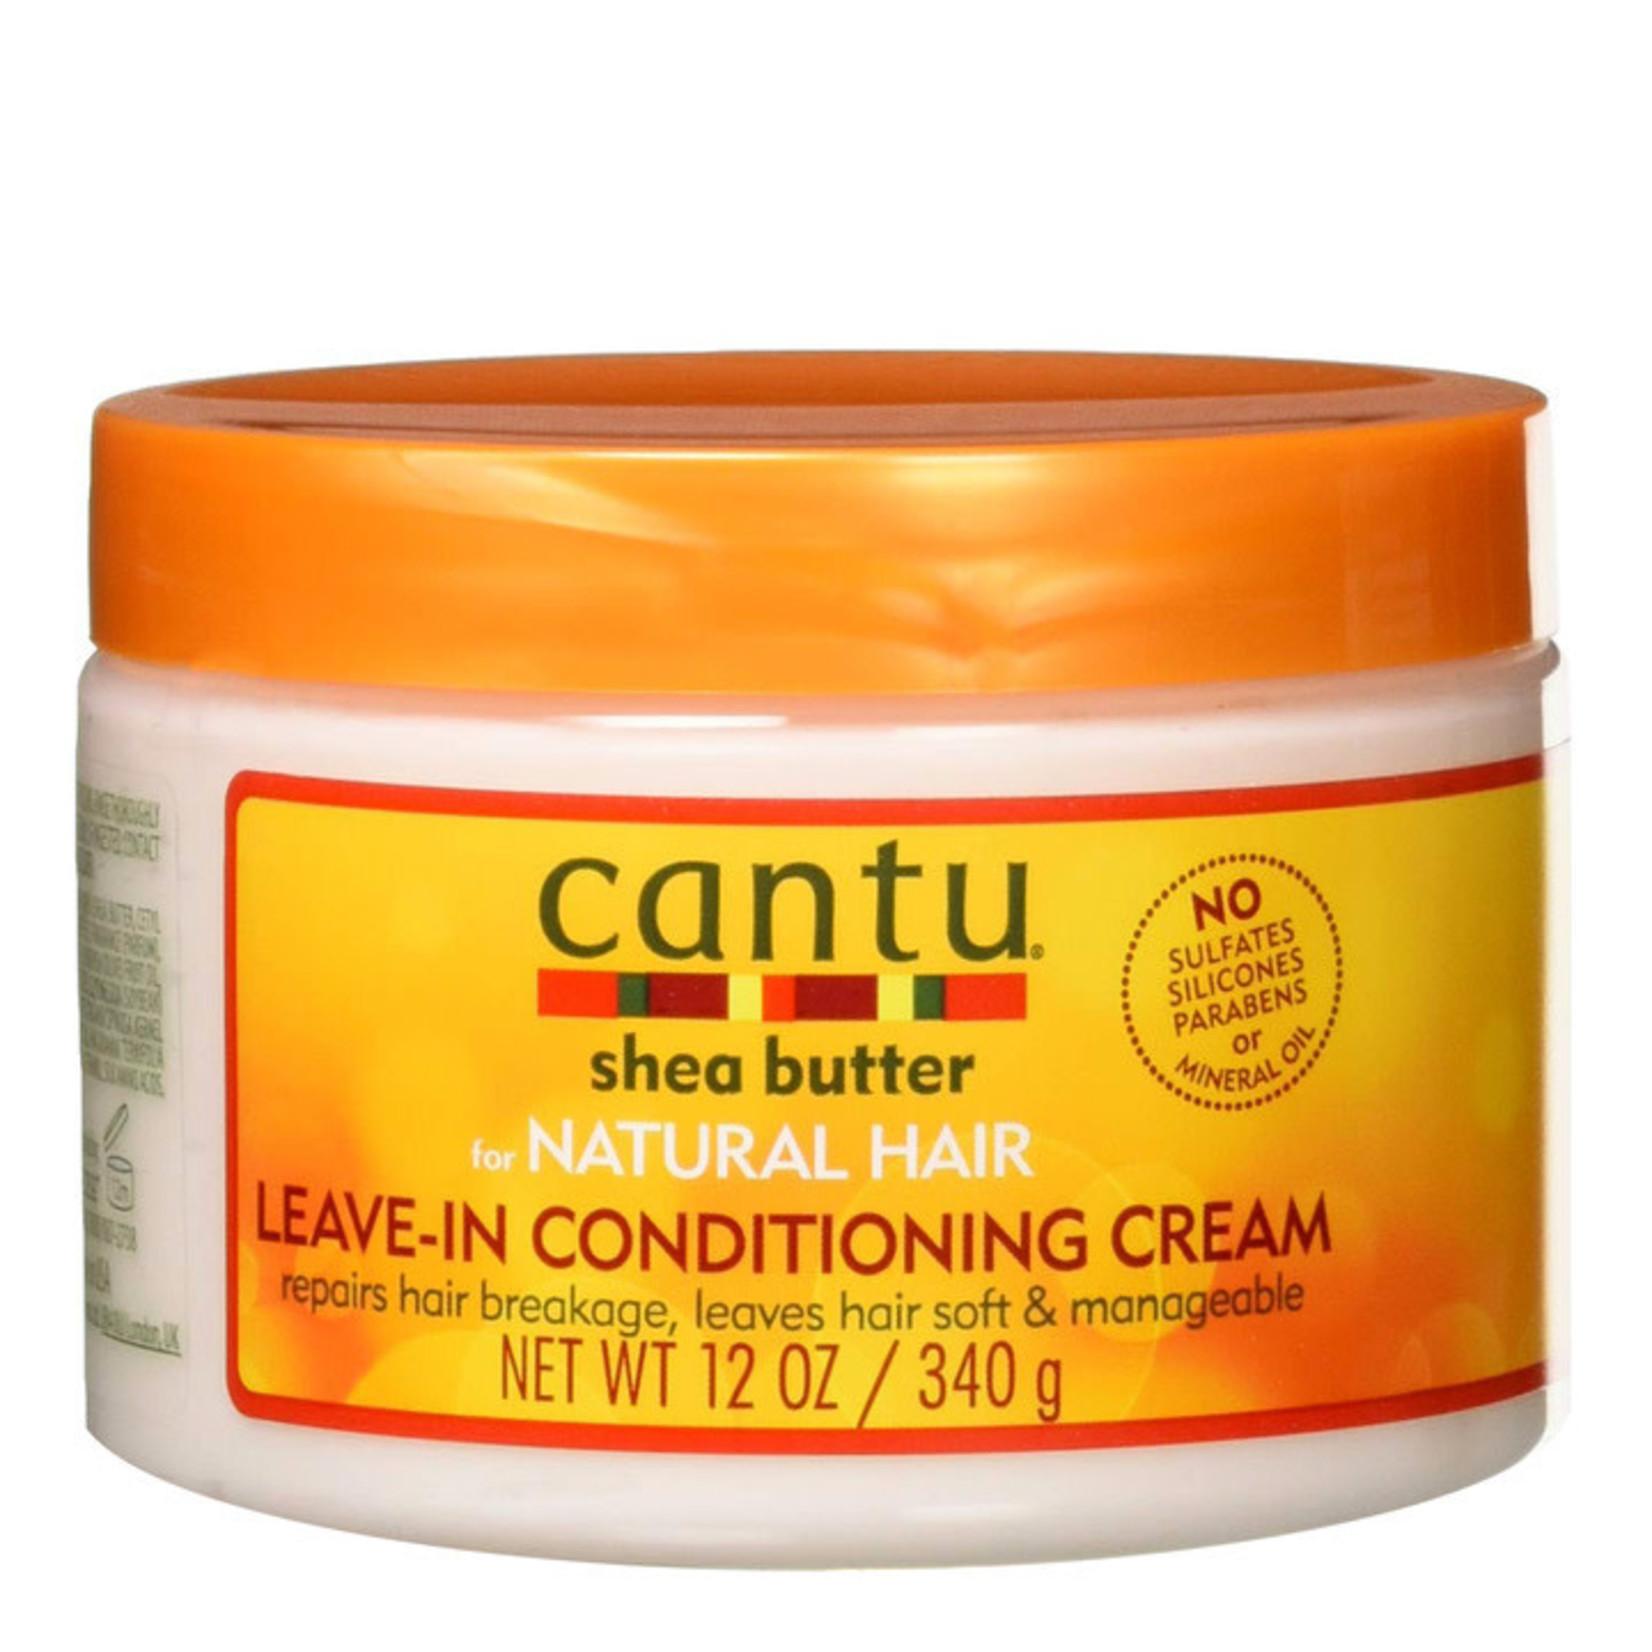 CANTU CANTU NATURAL HAIR LEAVE-IN CONDITIONING CREAM [12OZ]